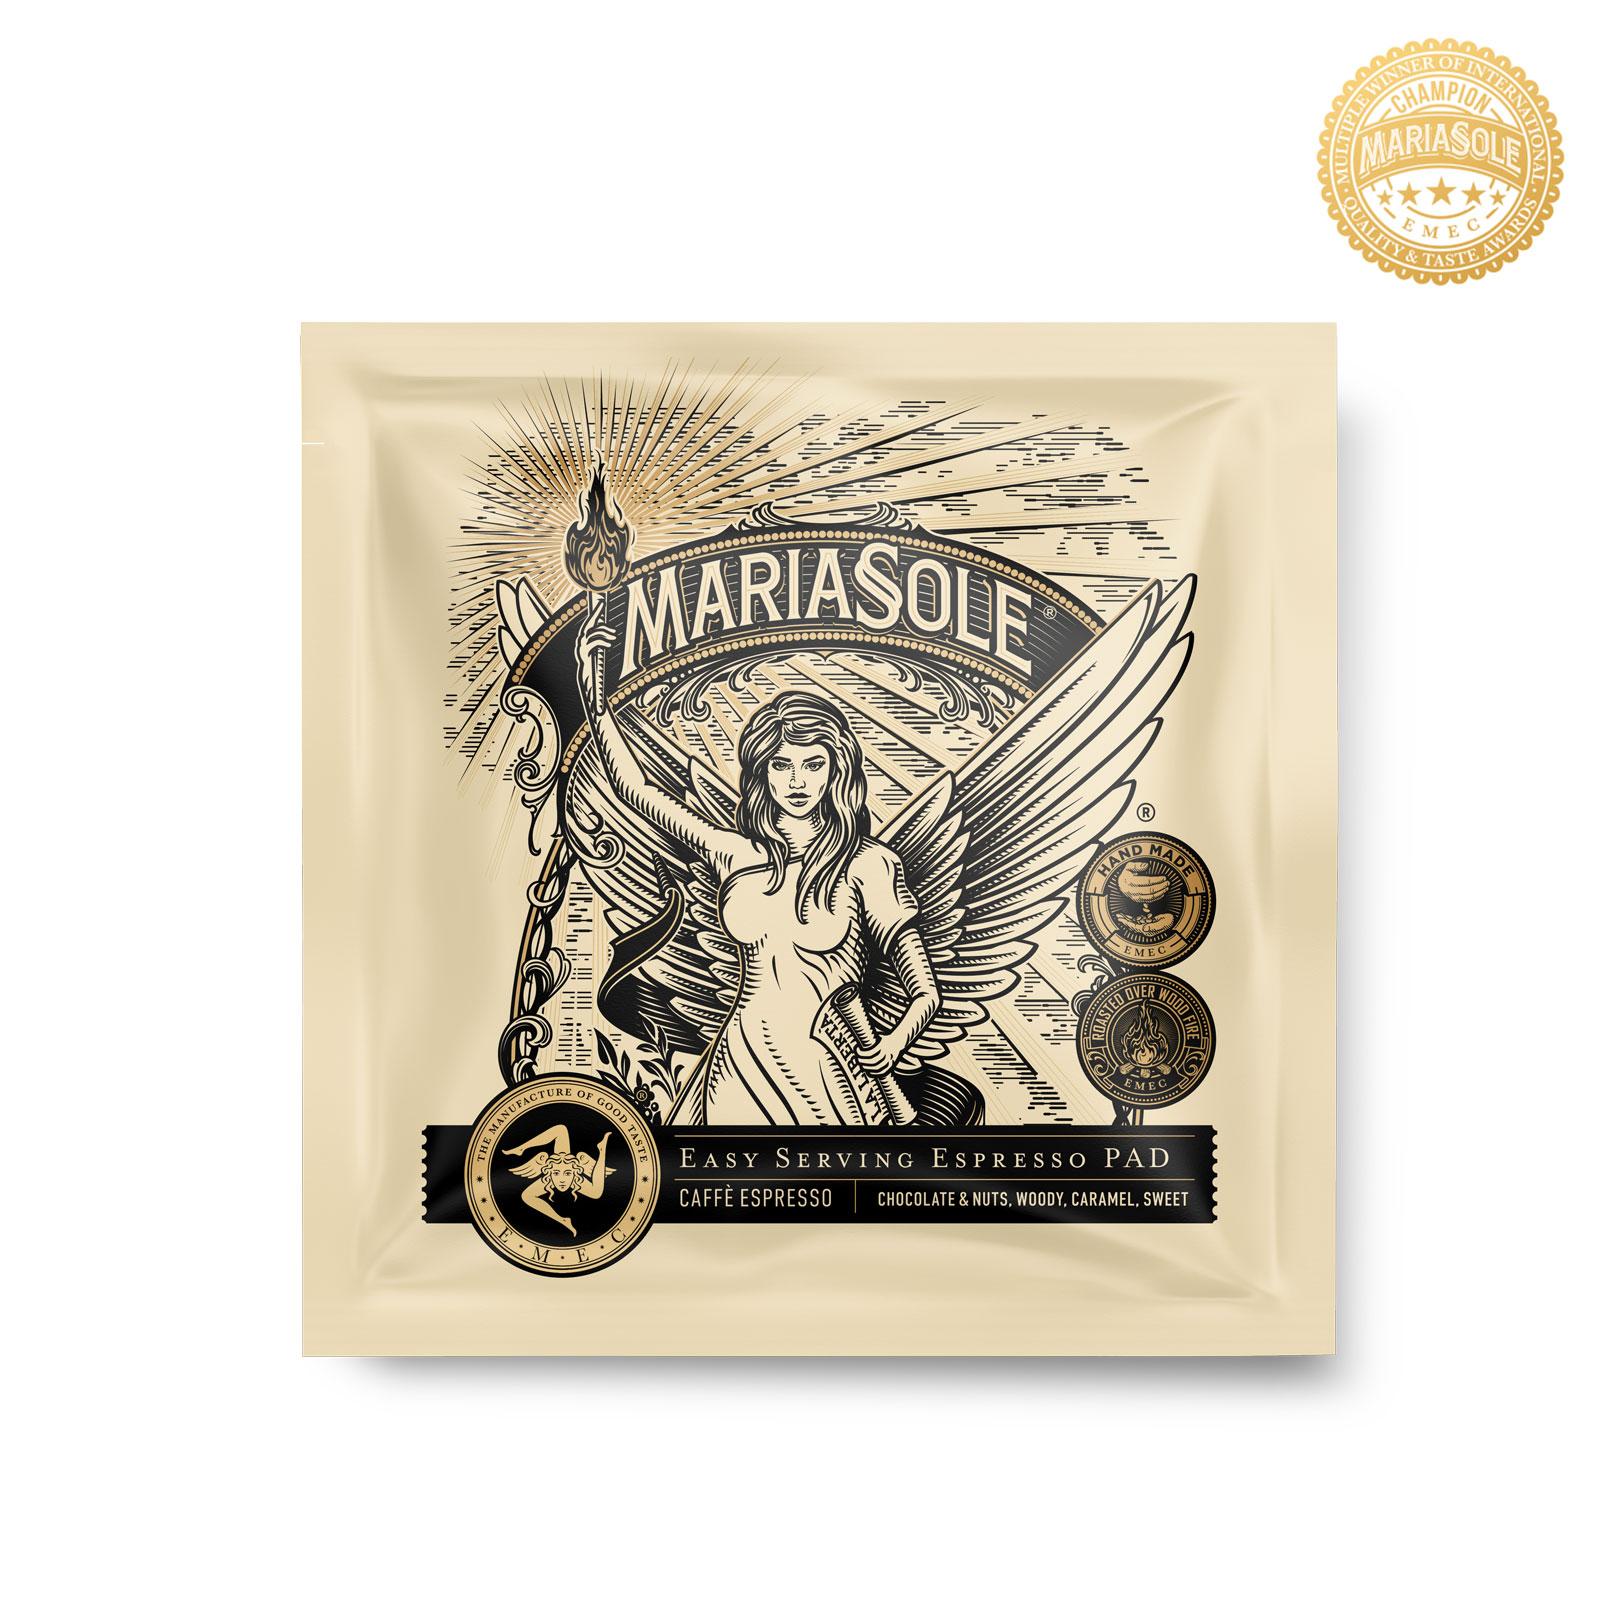 MARIASOLE- Caffè Espresso - E.S.E Pads